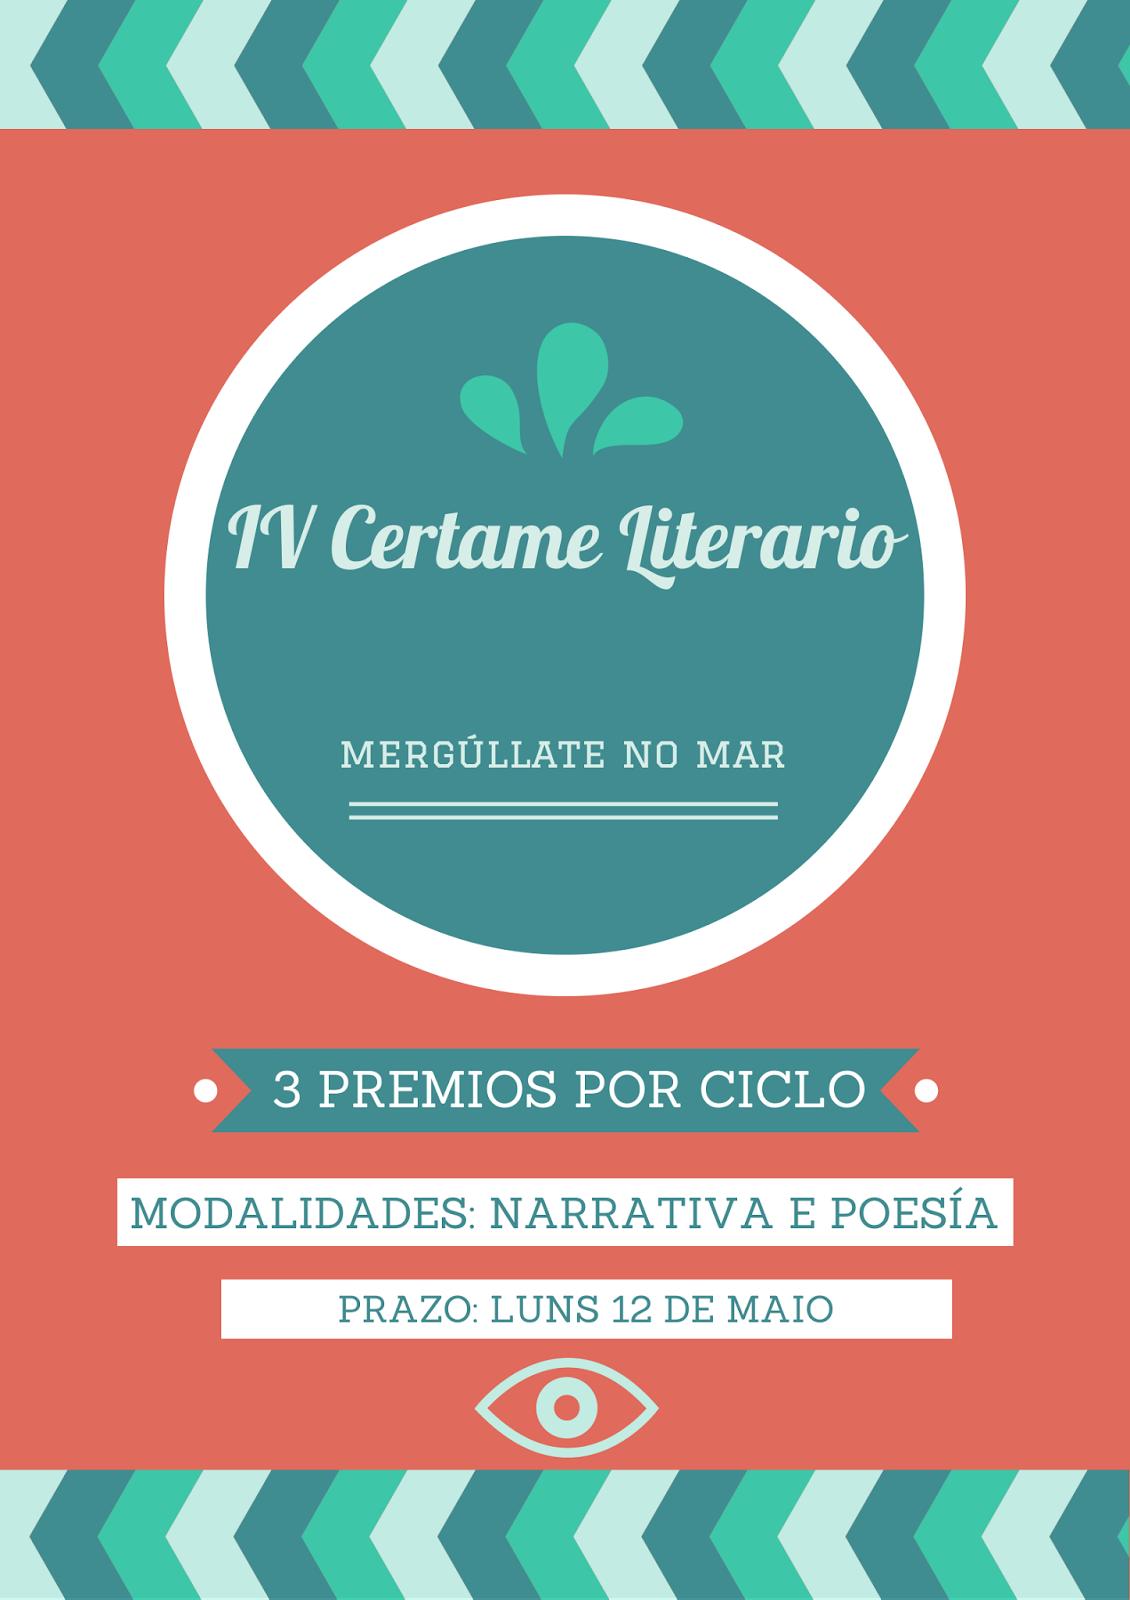 IV Certame Literario